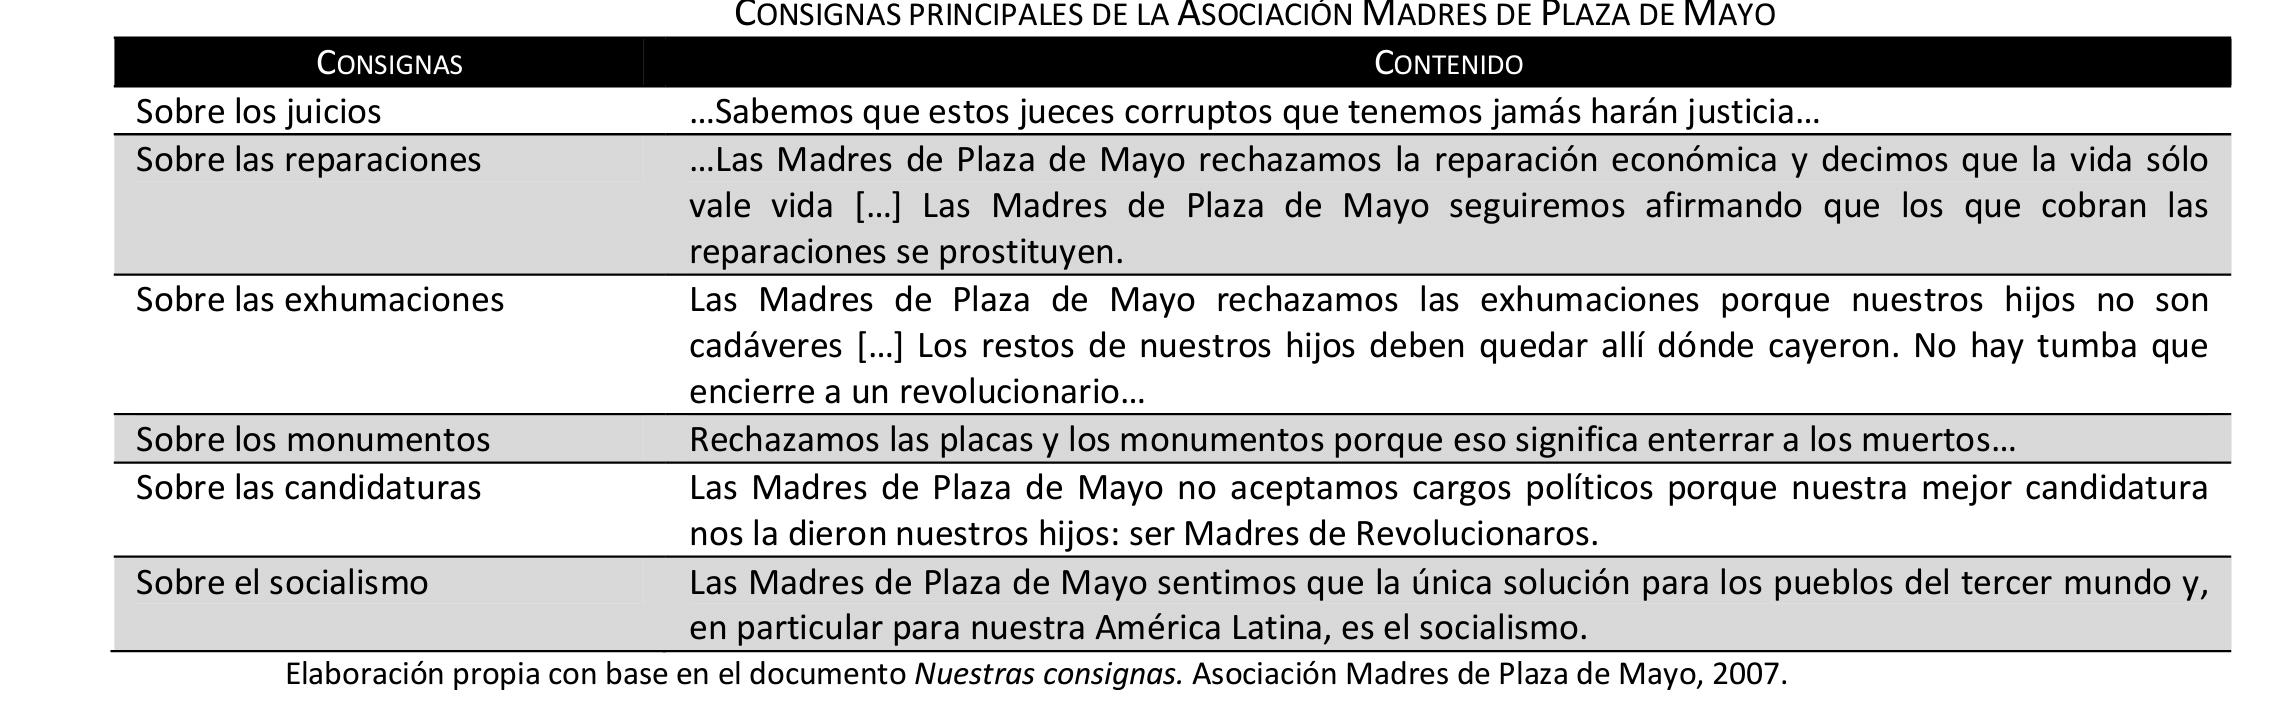 Consignas Madres de Plaza de Mayo